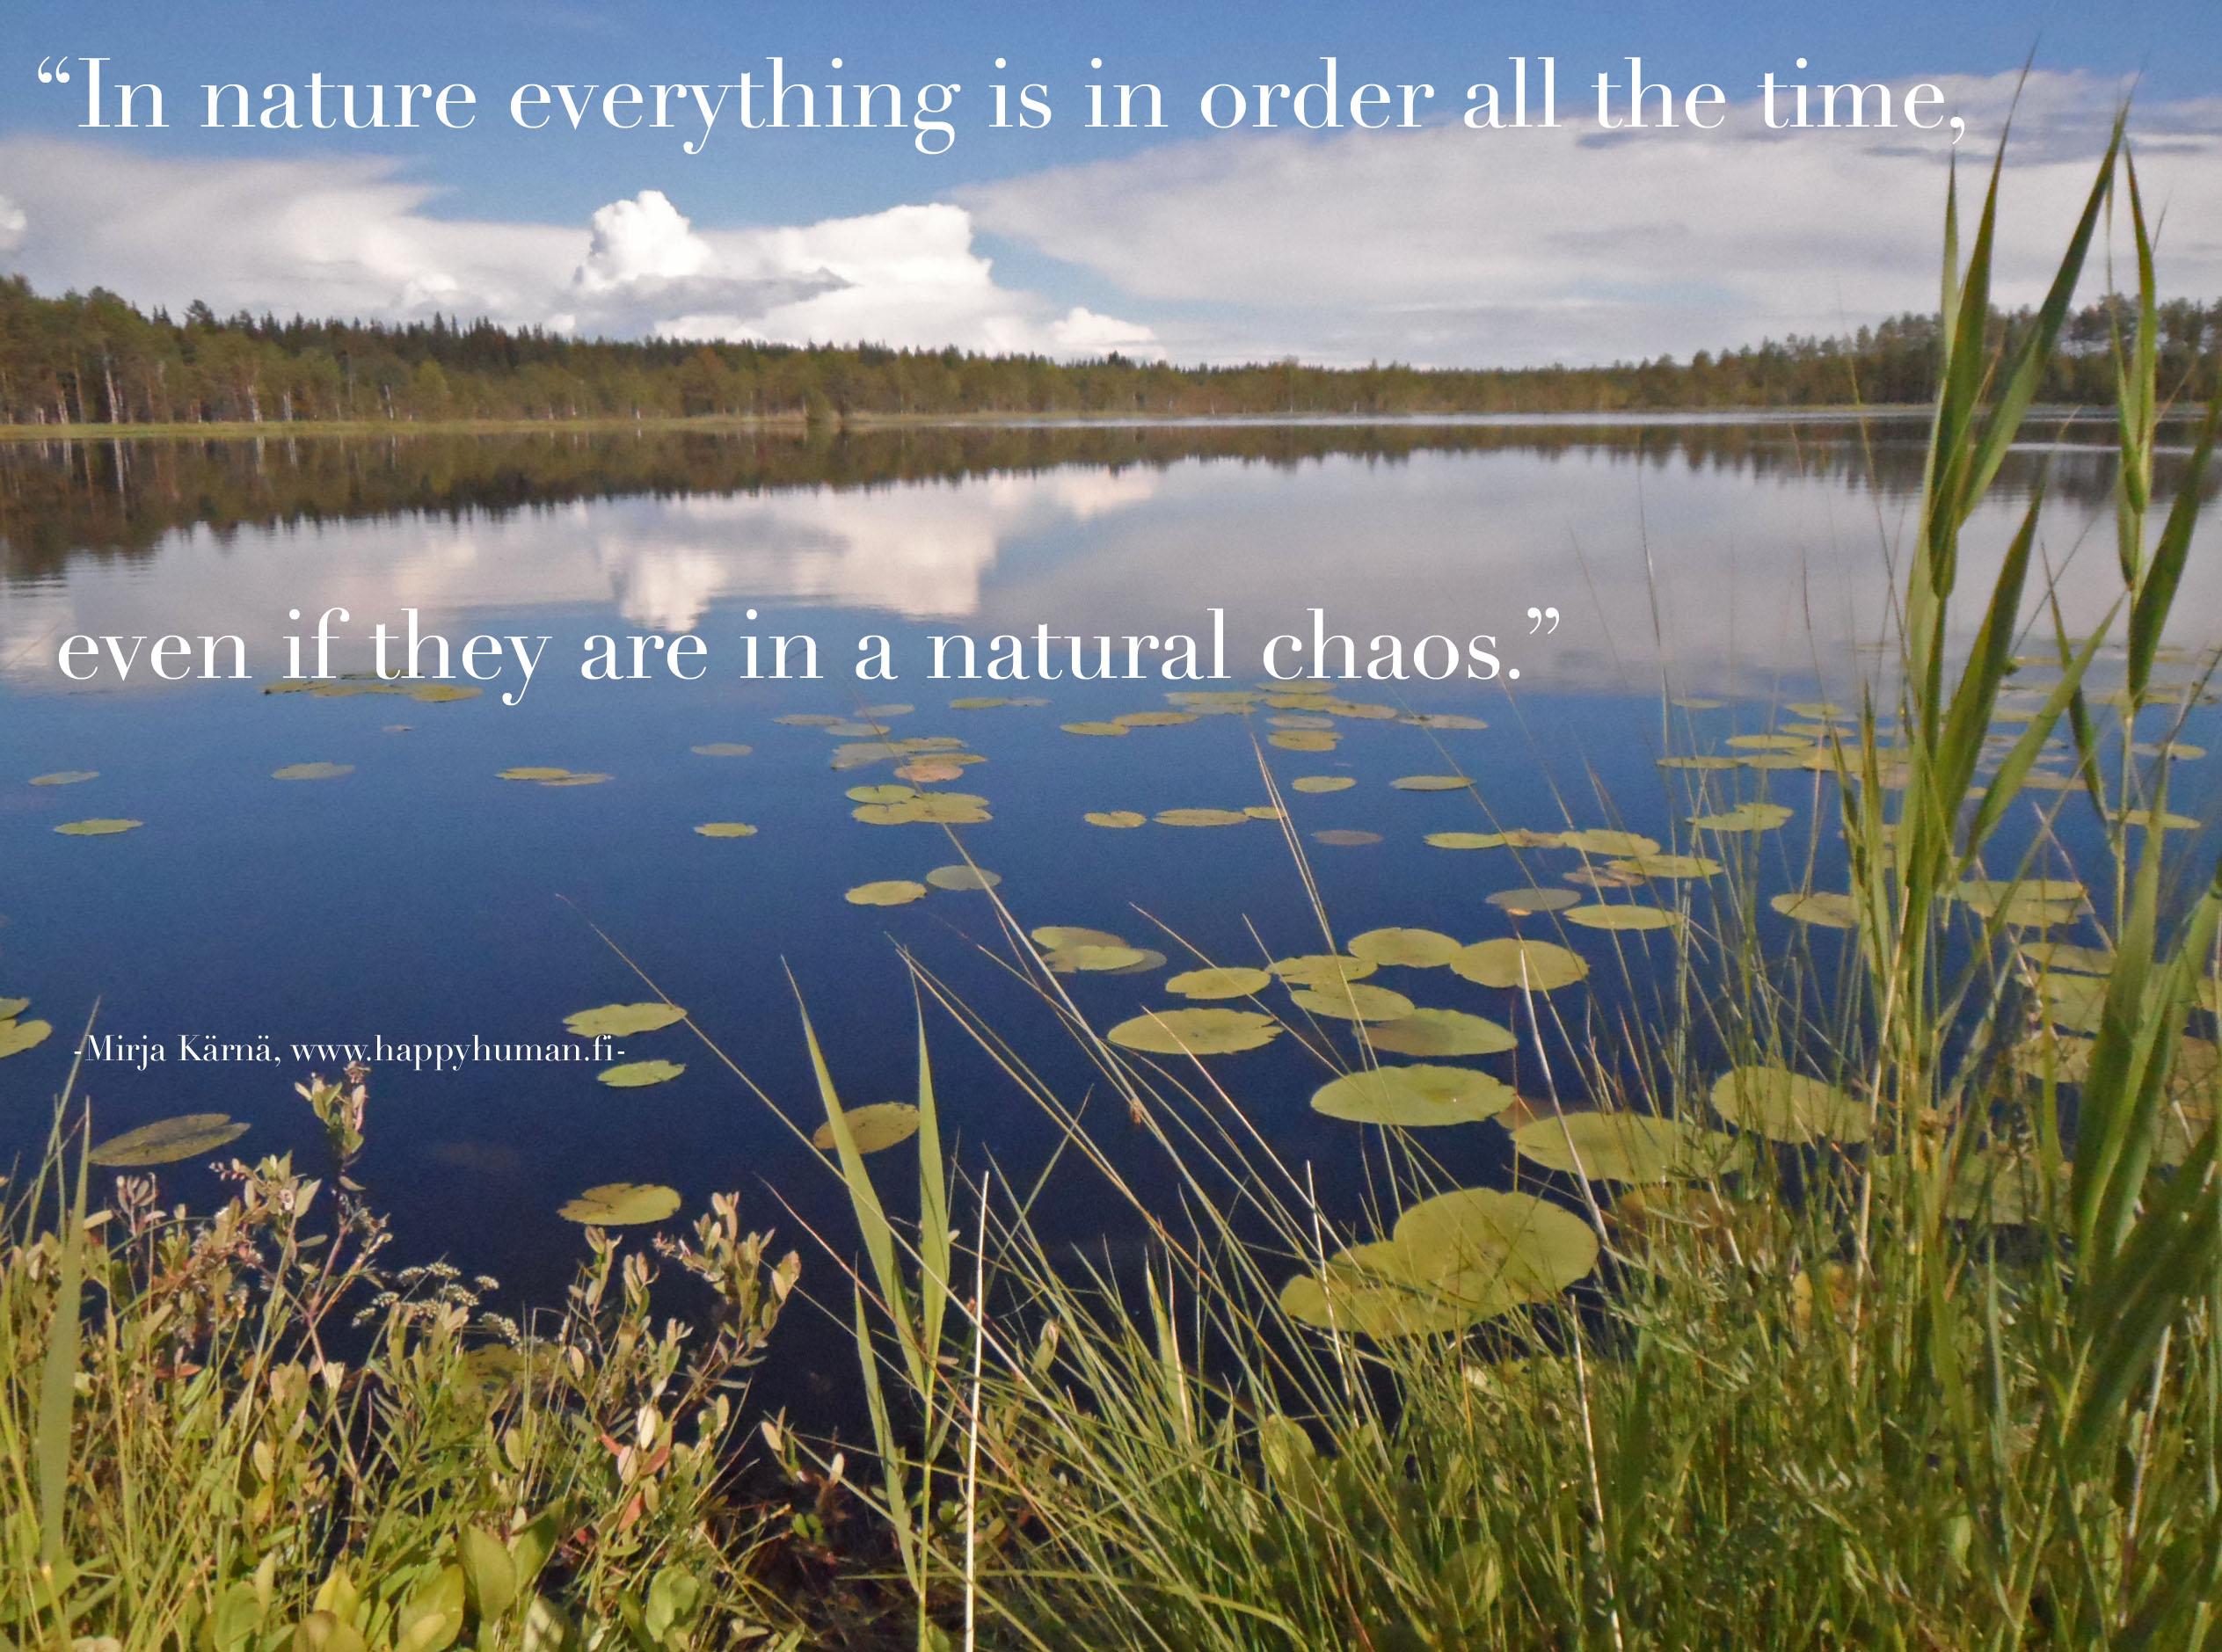 nature-in-mind-mirja-karna